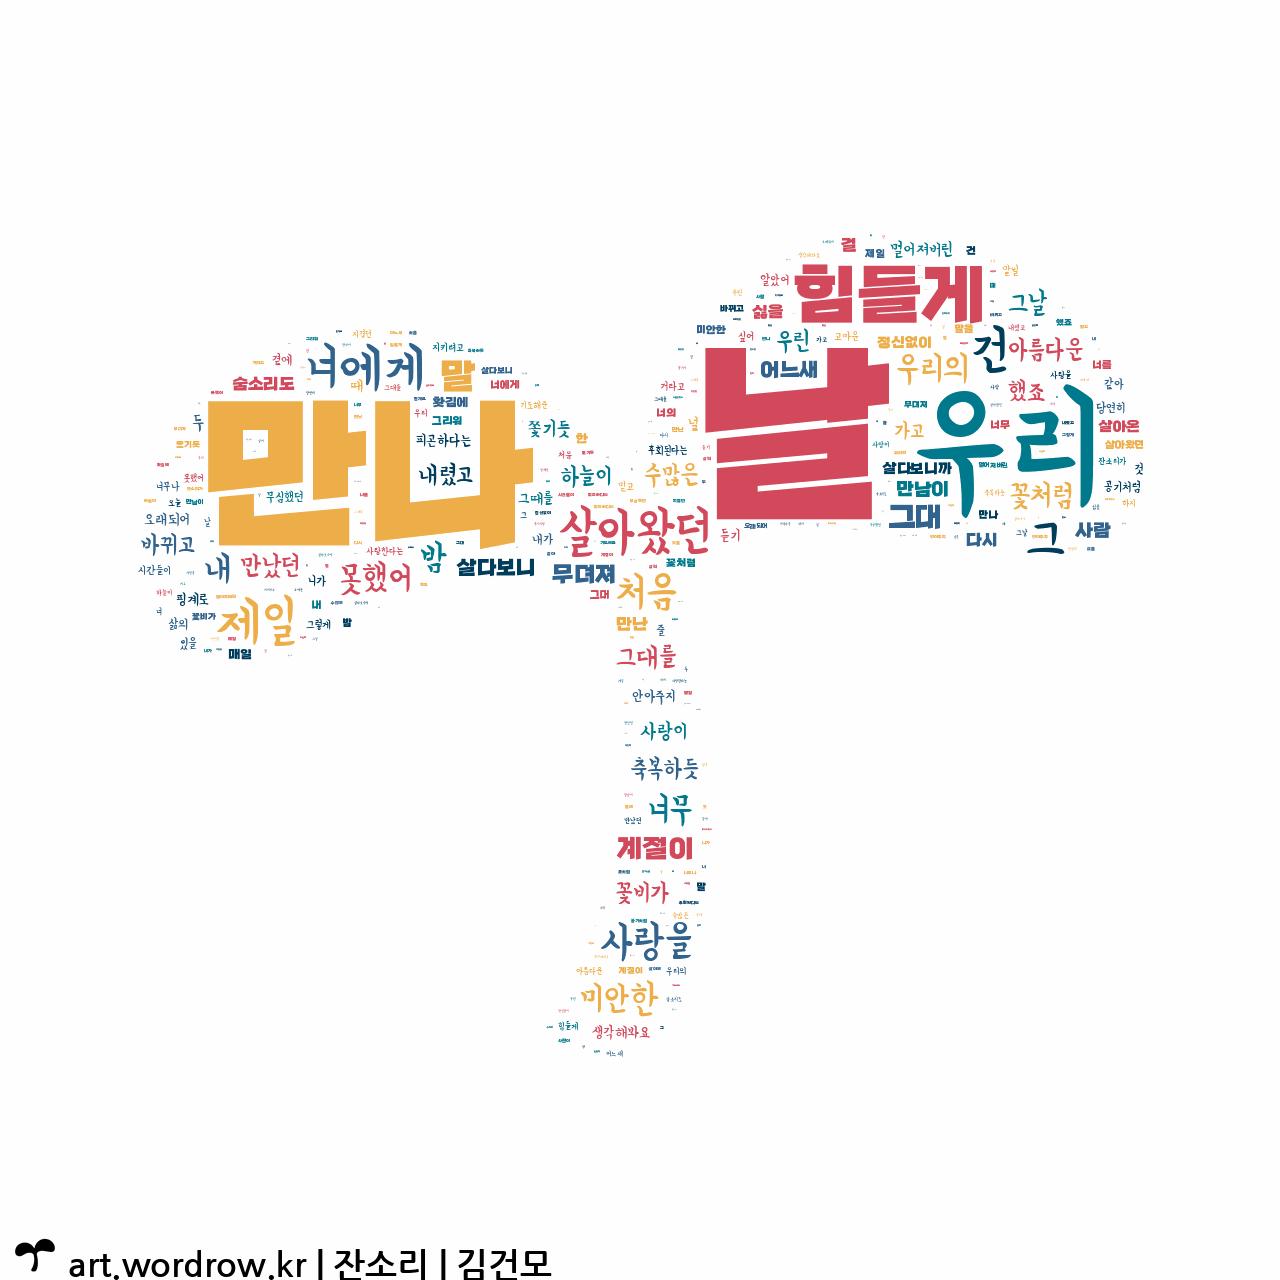 워드 아트: 잔소리 [김건모]-13